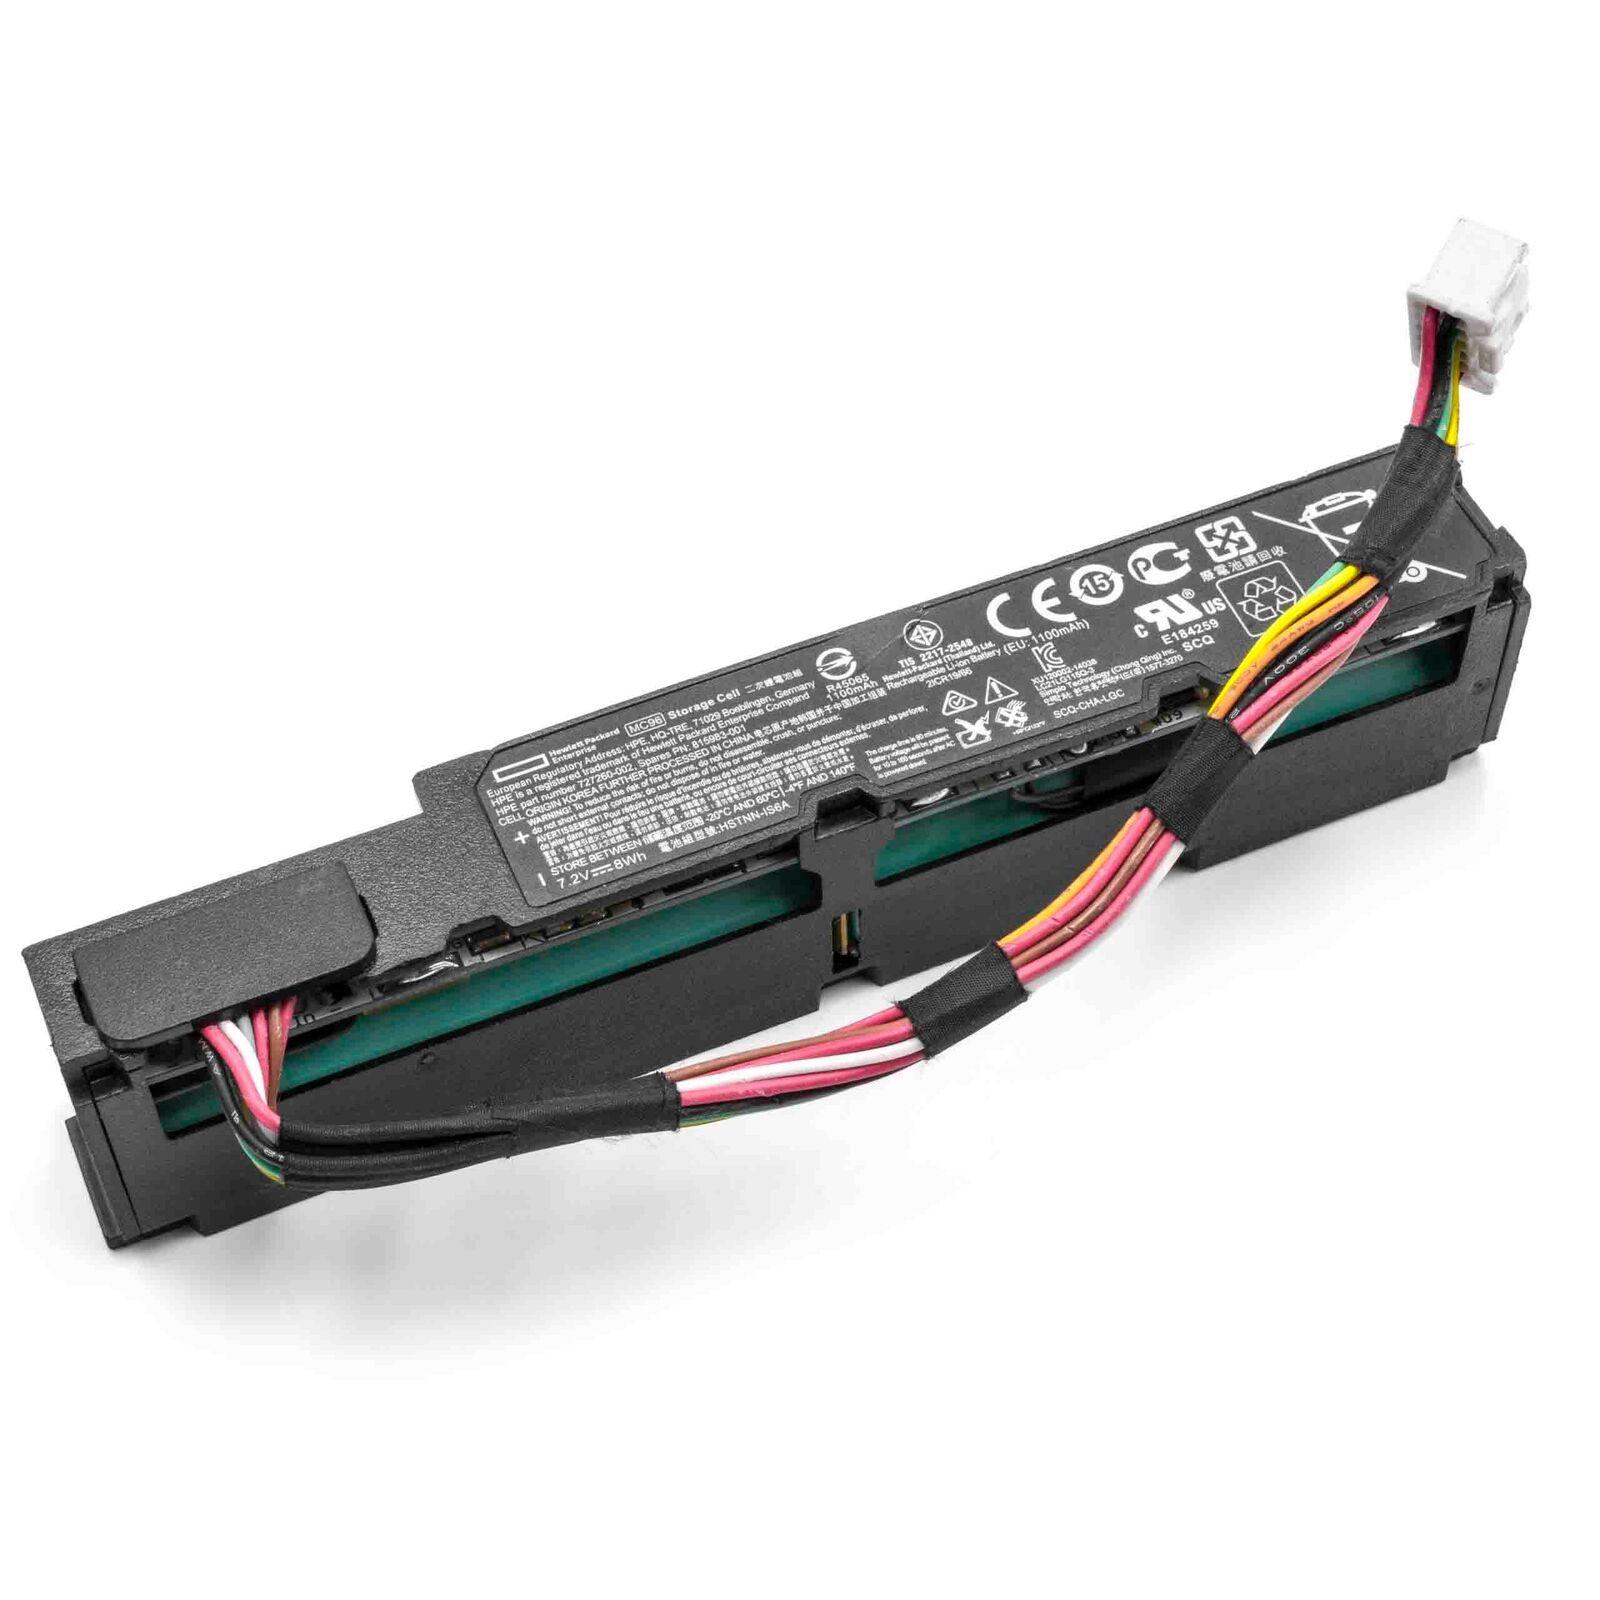 akku für HP 871264-001, 815983-001, 727260-002 (kompatibel)